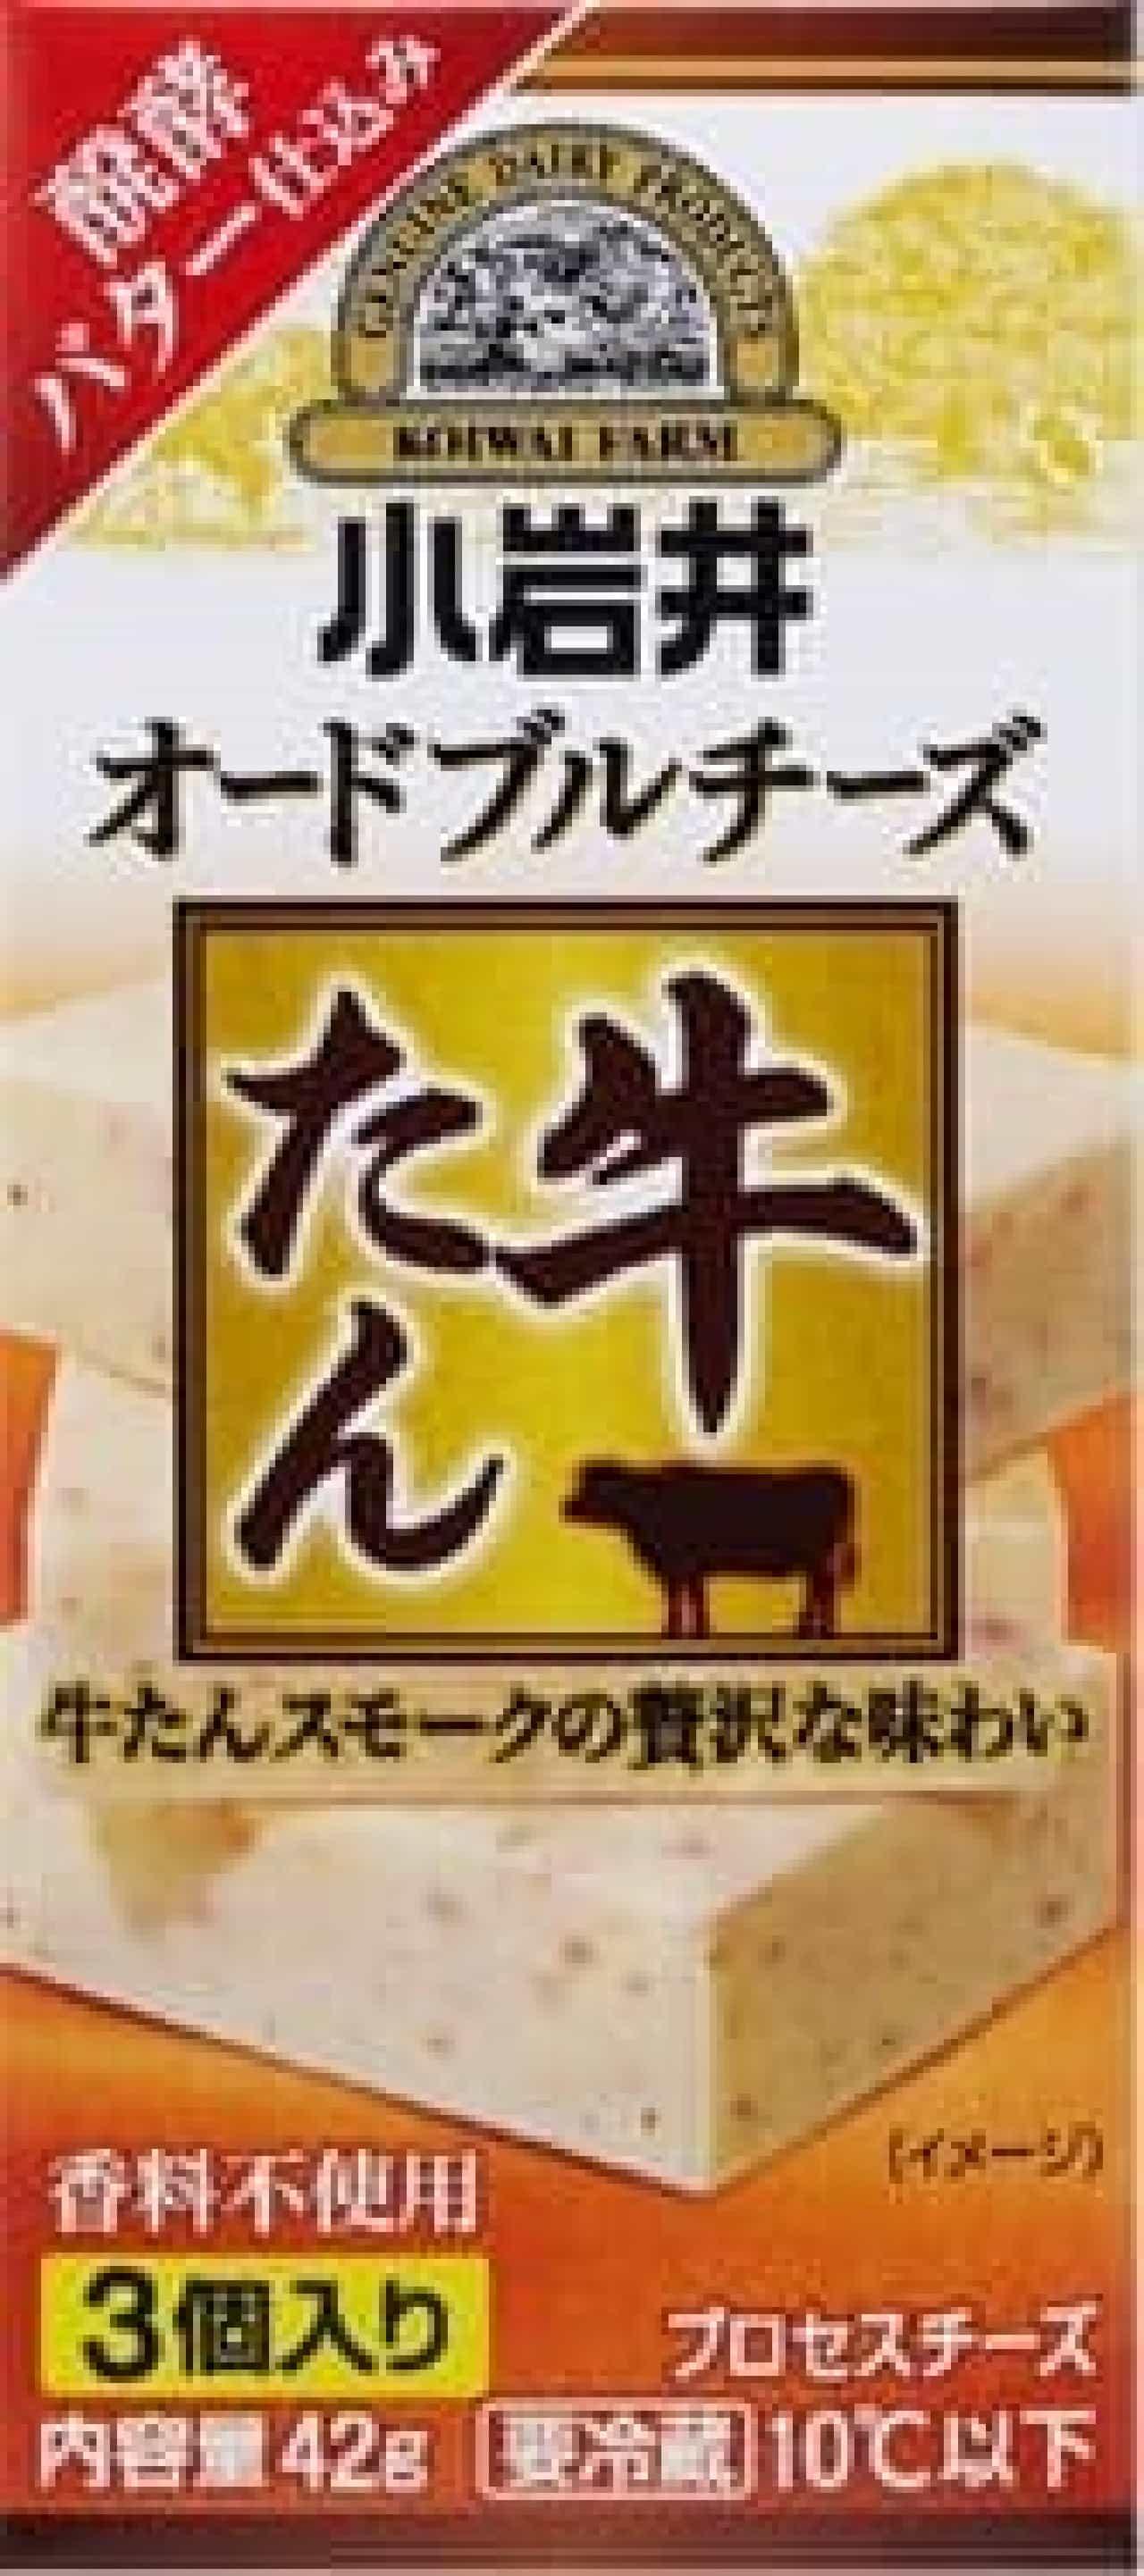 牛タン入りの贅沢チーズ「オードブルチーズ【牛たん】」